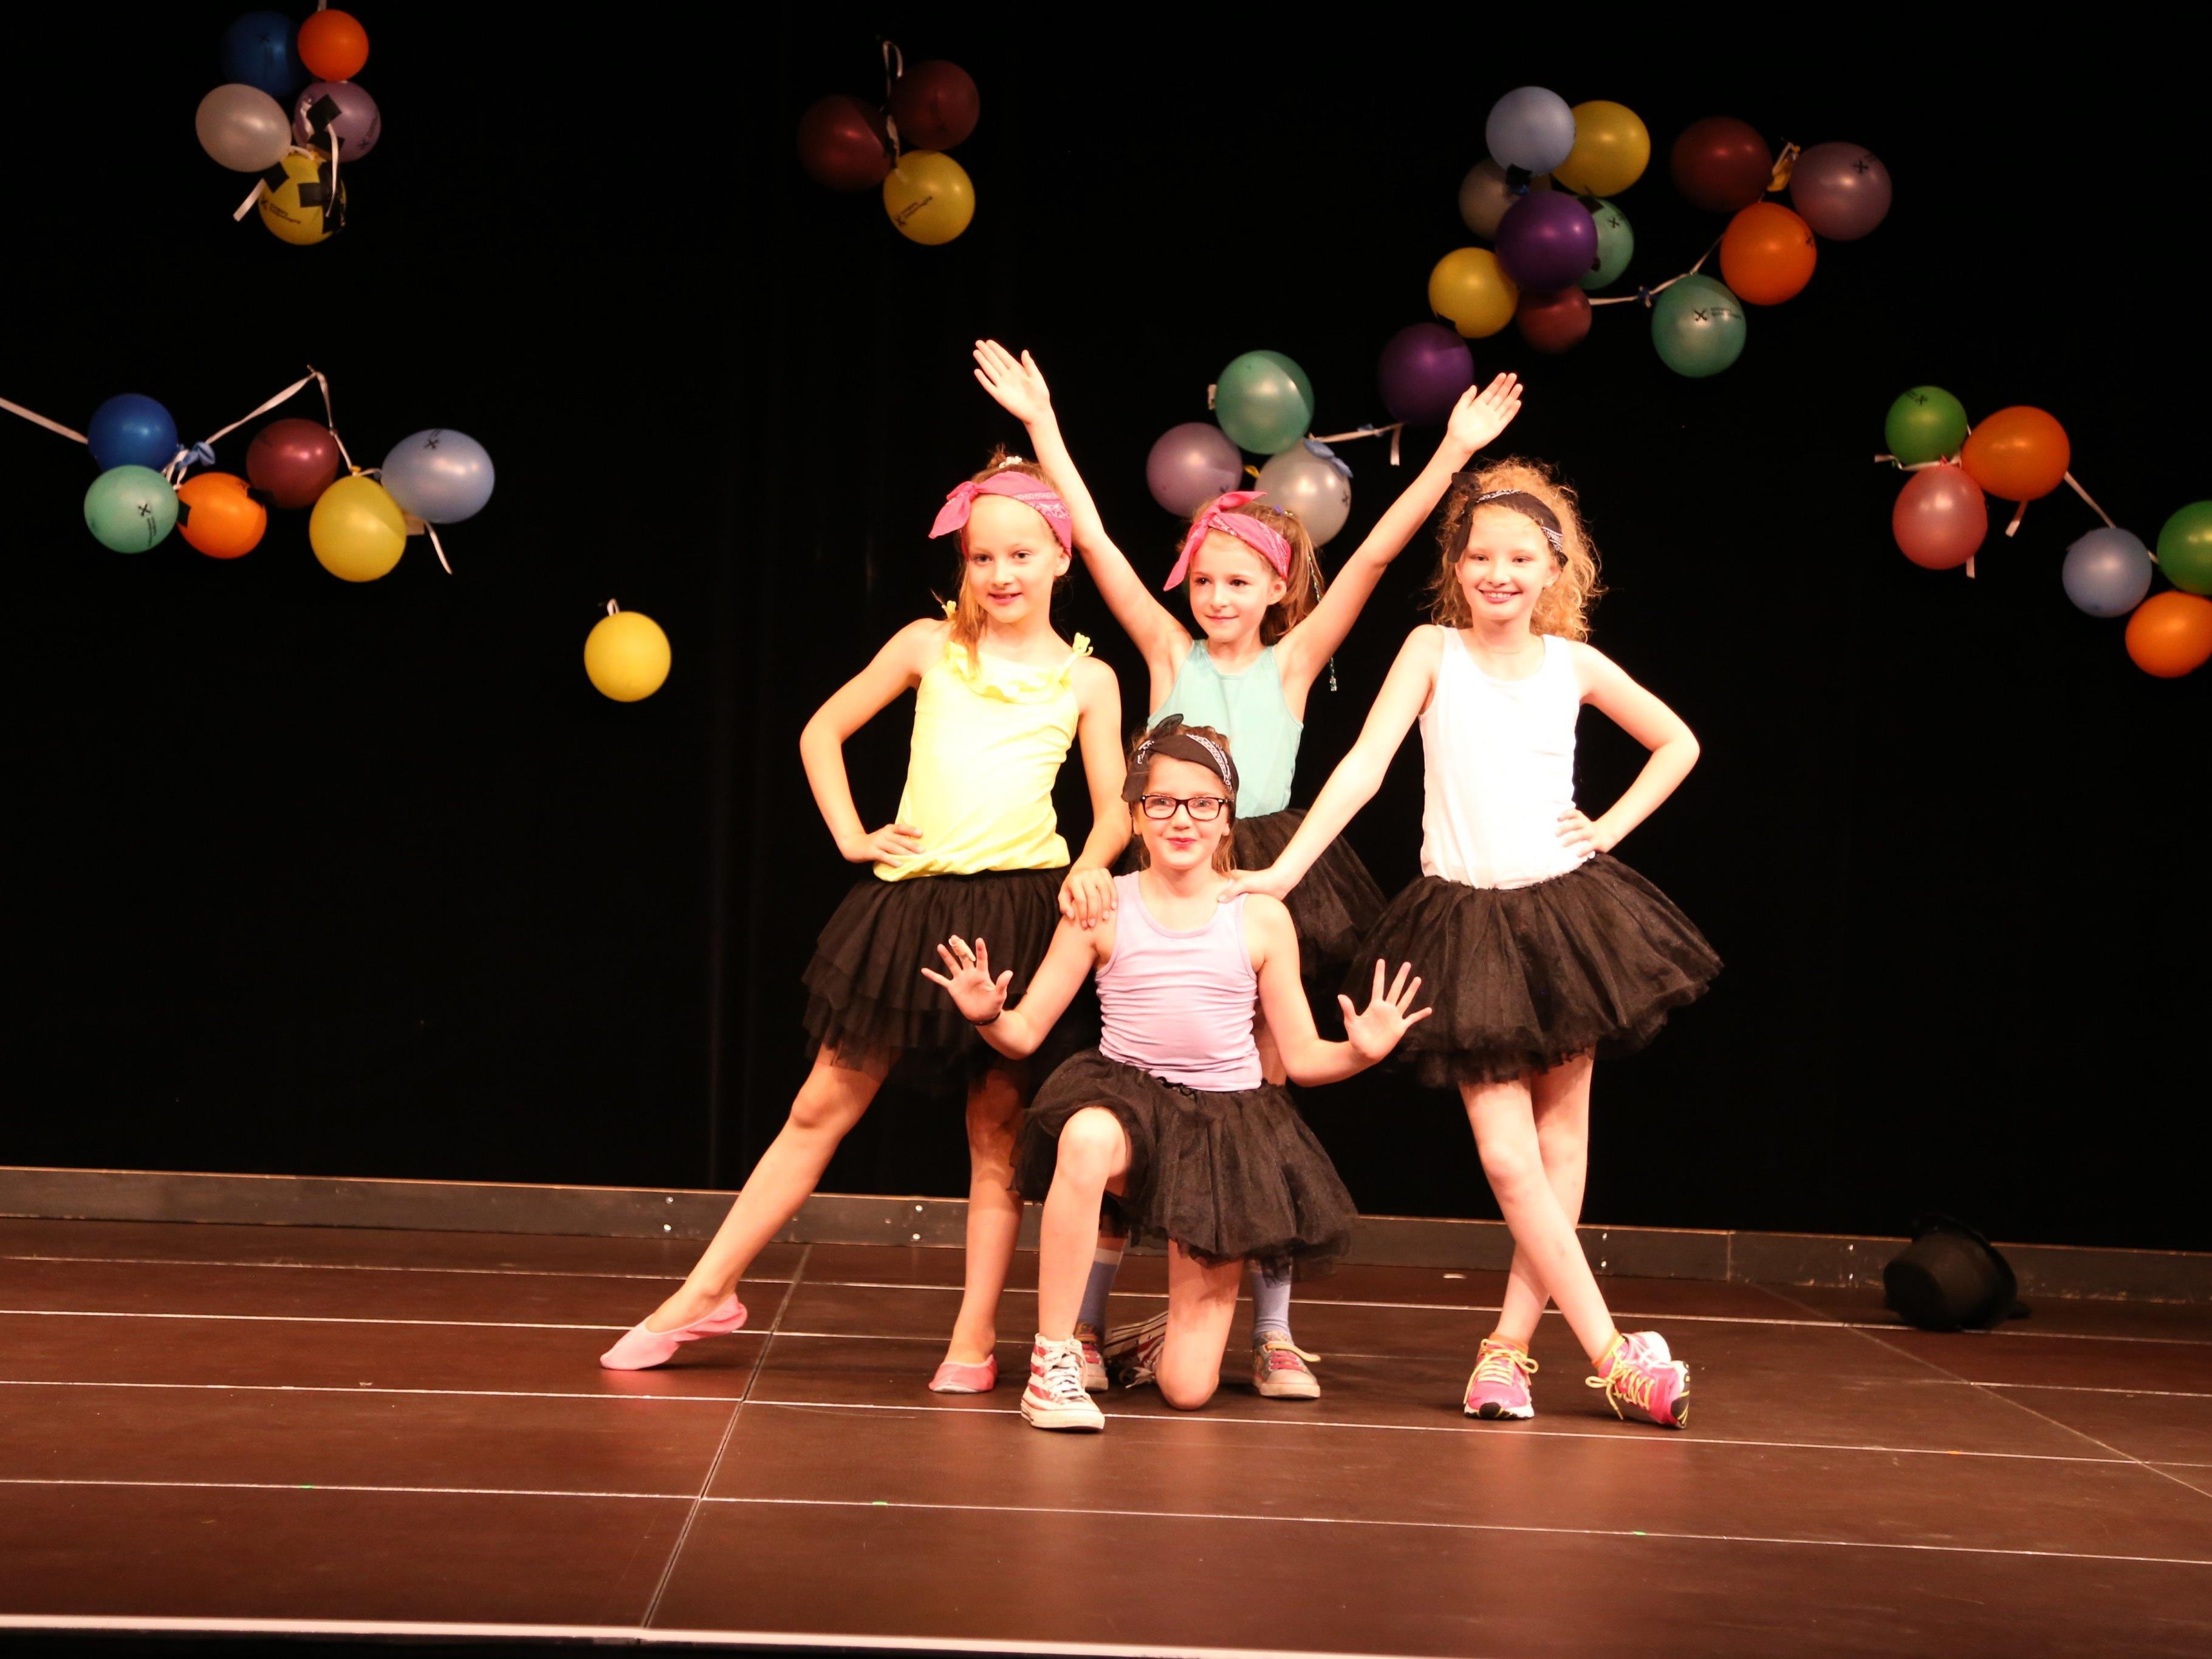 Groß und Klein auf einer Bühne – die Jumpies hatten sichtlich Spaß bei ihrer Vorführung im Pförtnerhaus.